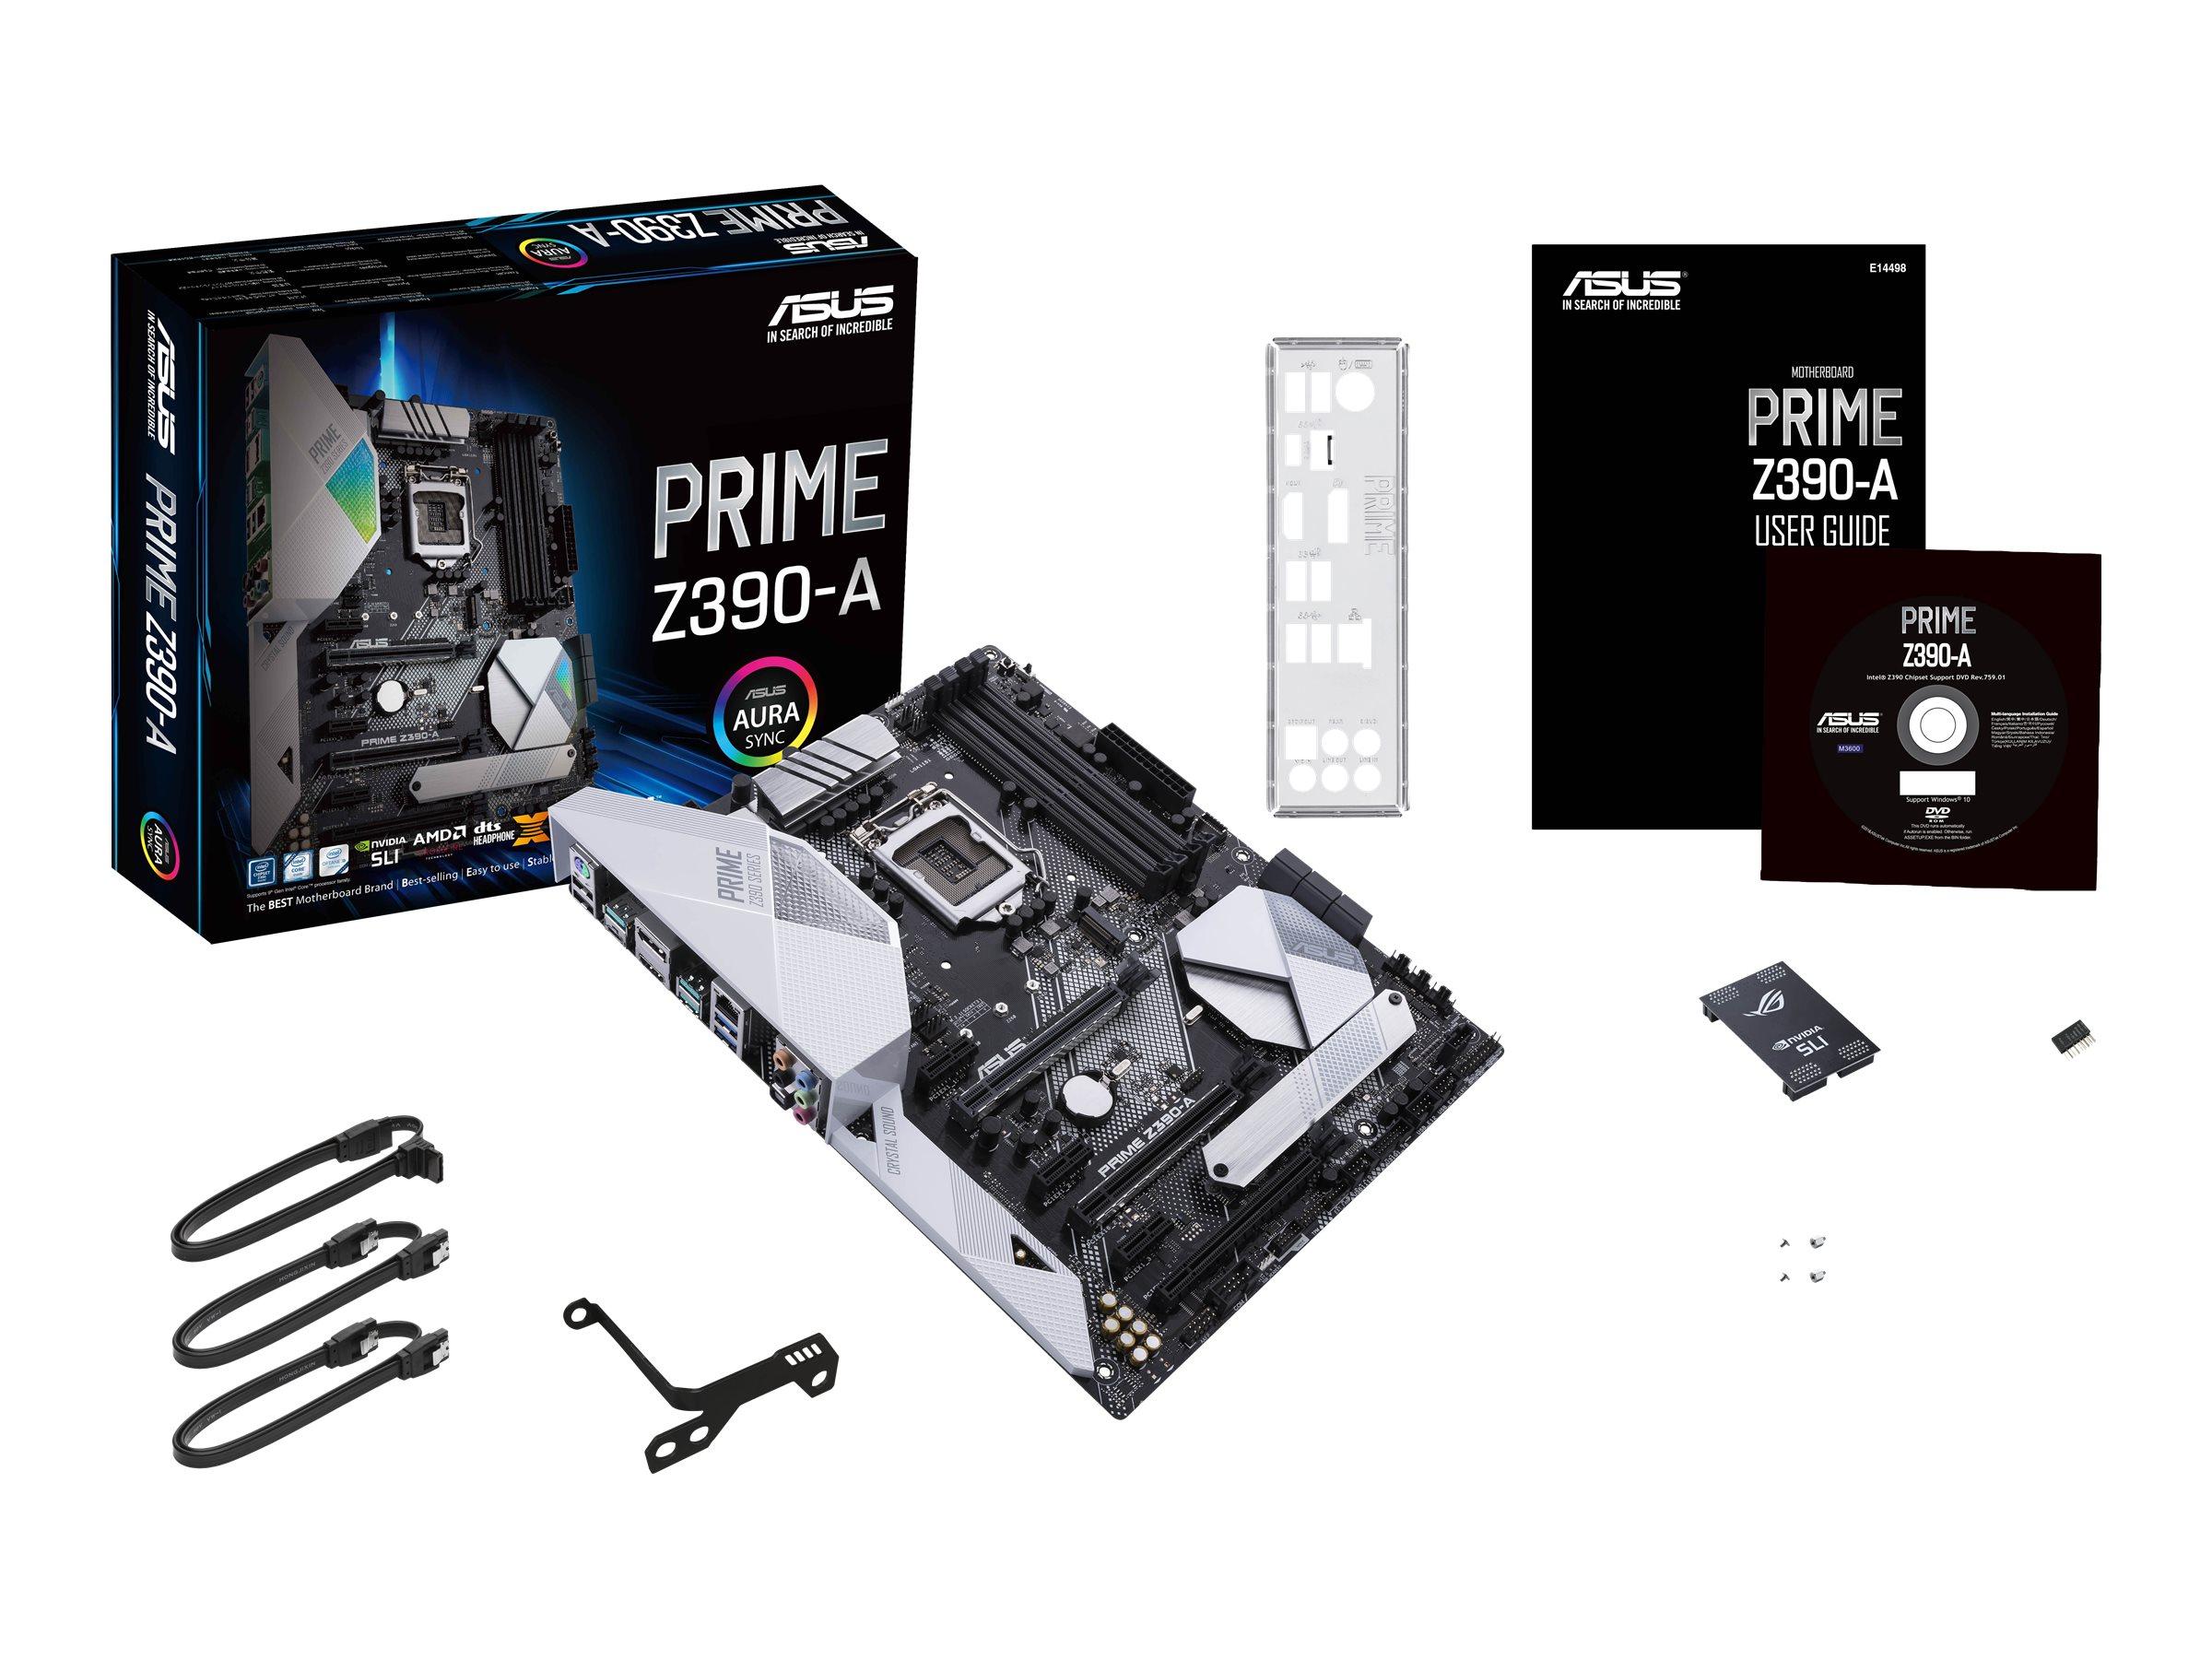 ASUS PRIME Z390-A - motherboard - ATX - LGA1151 Socket - Z390